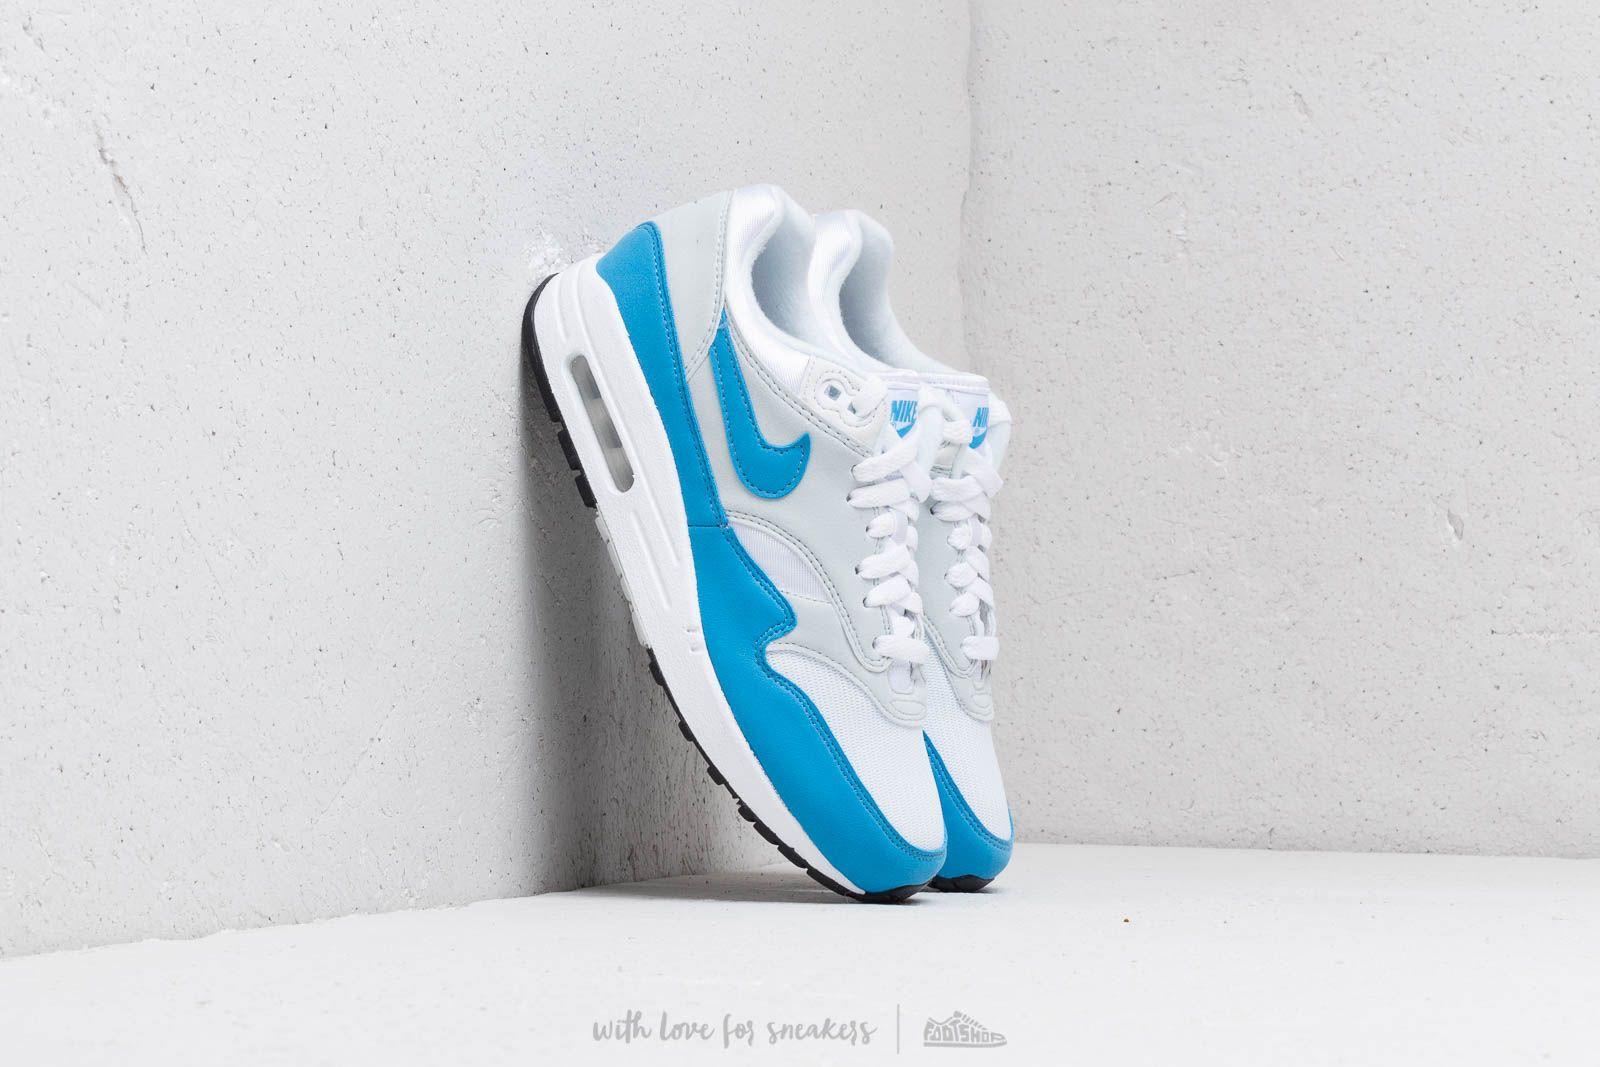 Nike W Air Max 1 Essential White/ University Blue a muy buen precio 129 € comprar en Footshop